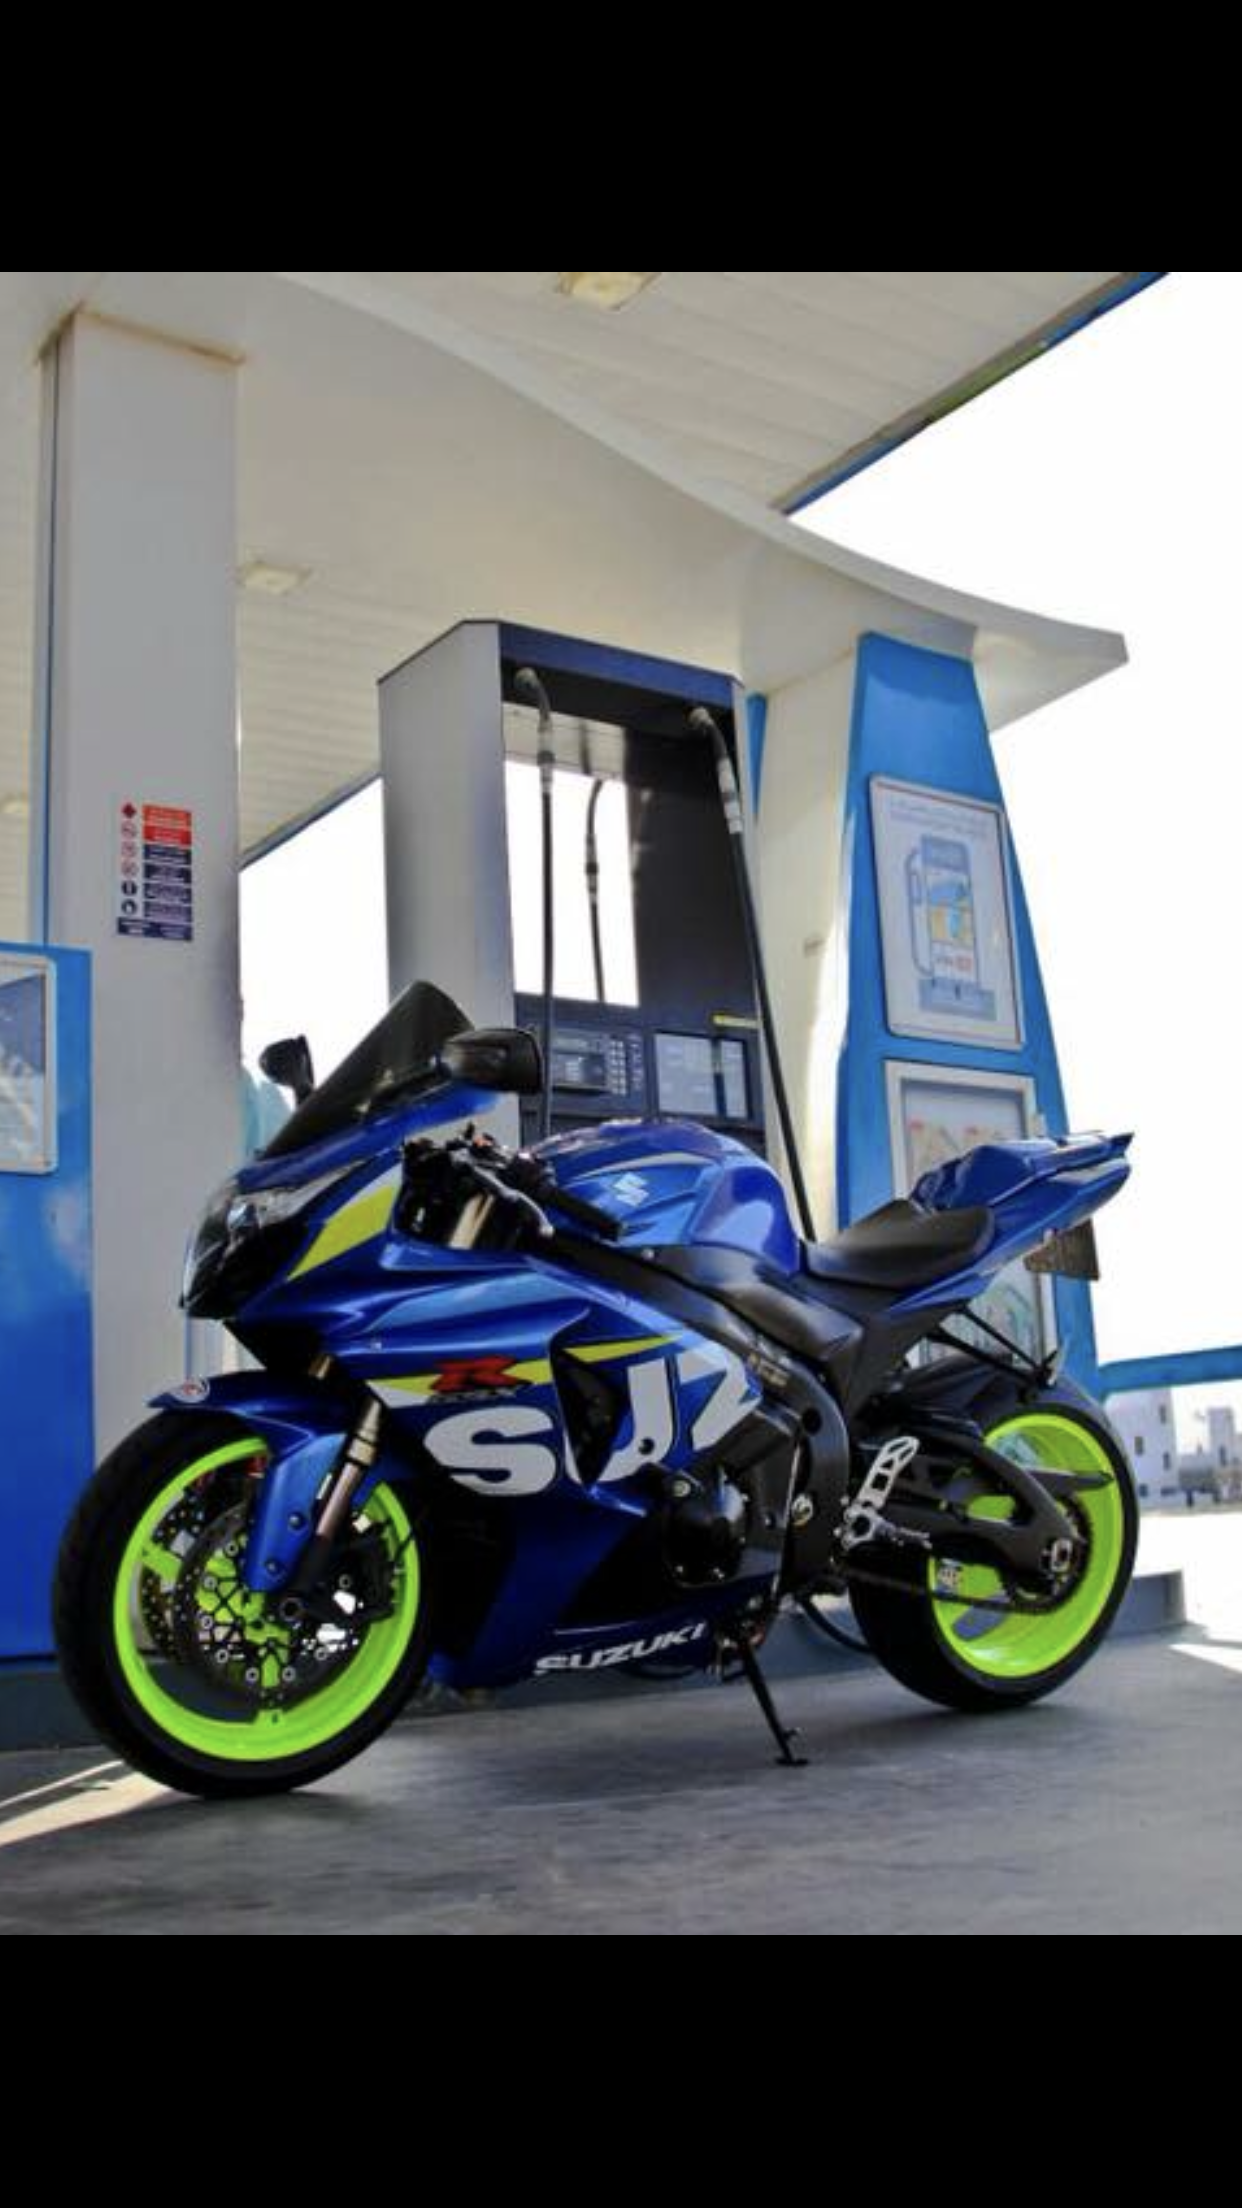 Suzuki Gsxr 1000 Suzuki Gsxr Super Bikes Motorbikes